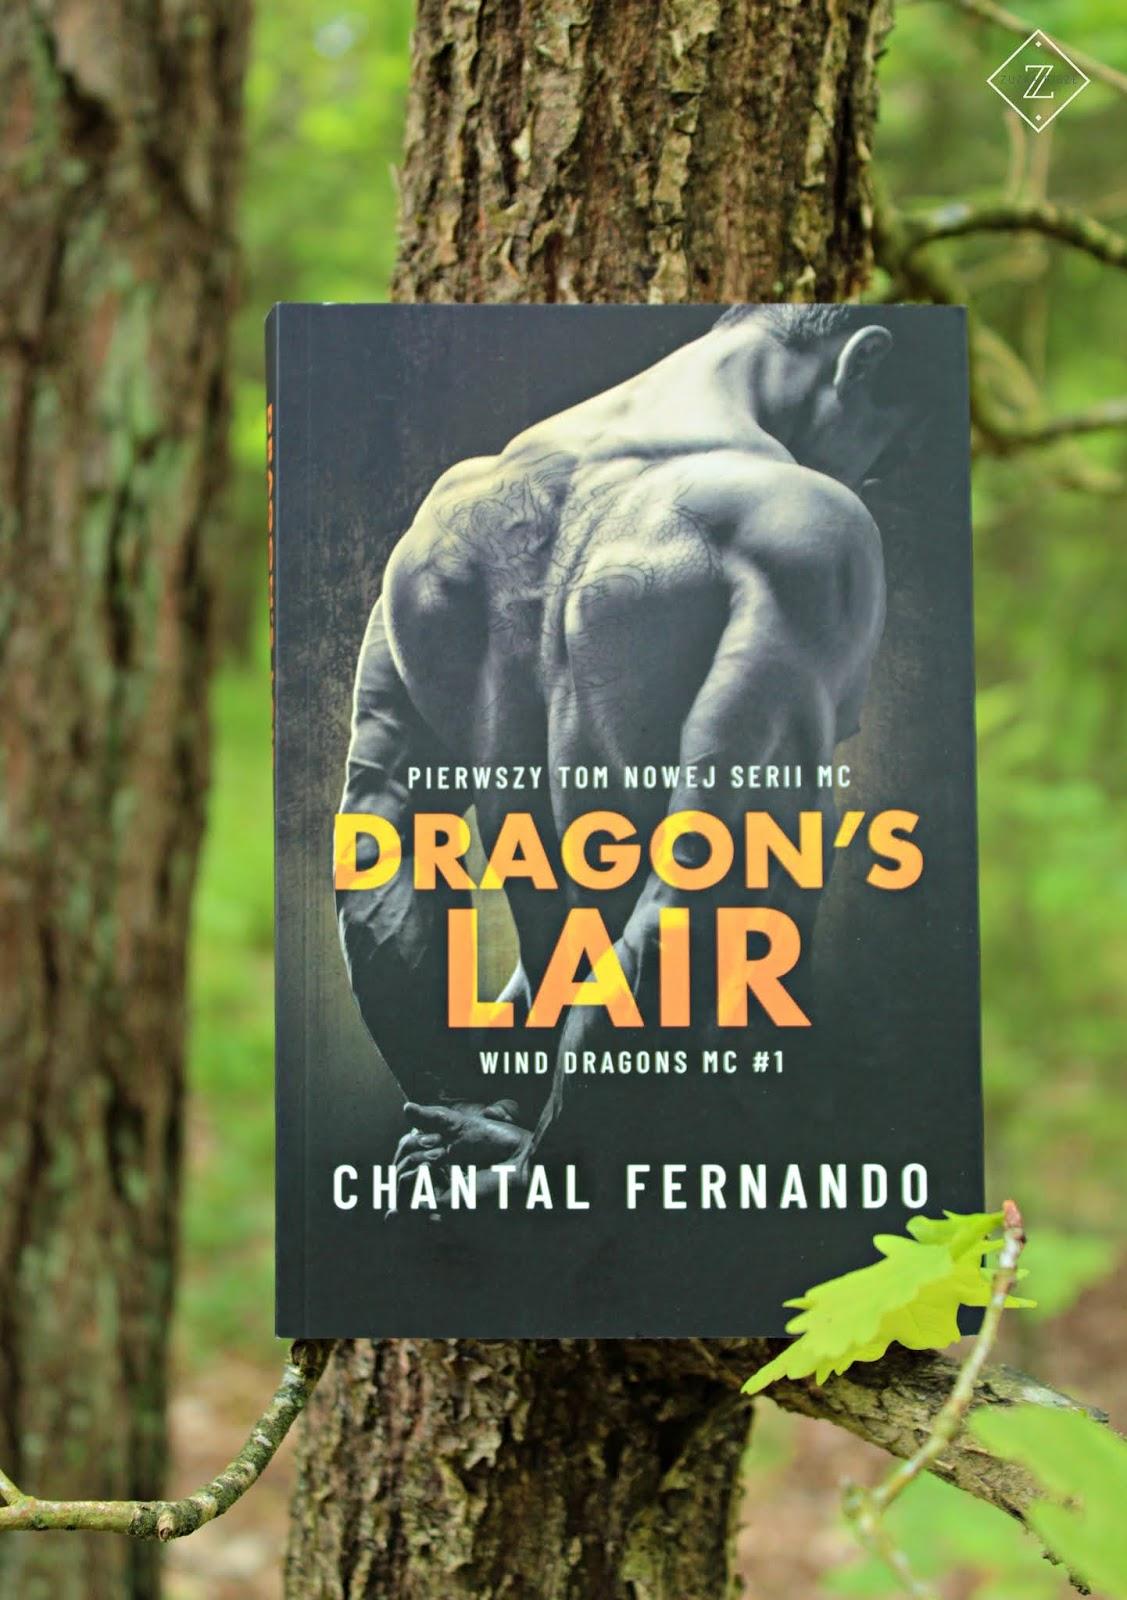 """Chantal Fernando """"Dragon's Lair"""" - premierowa recenzja patronacka"""